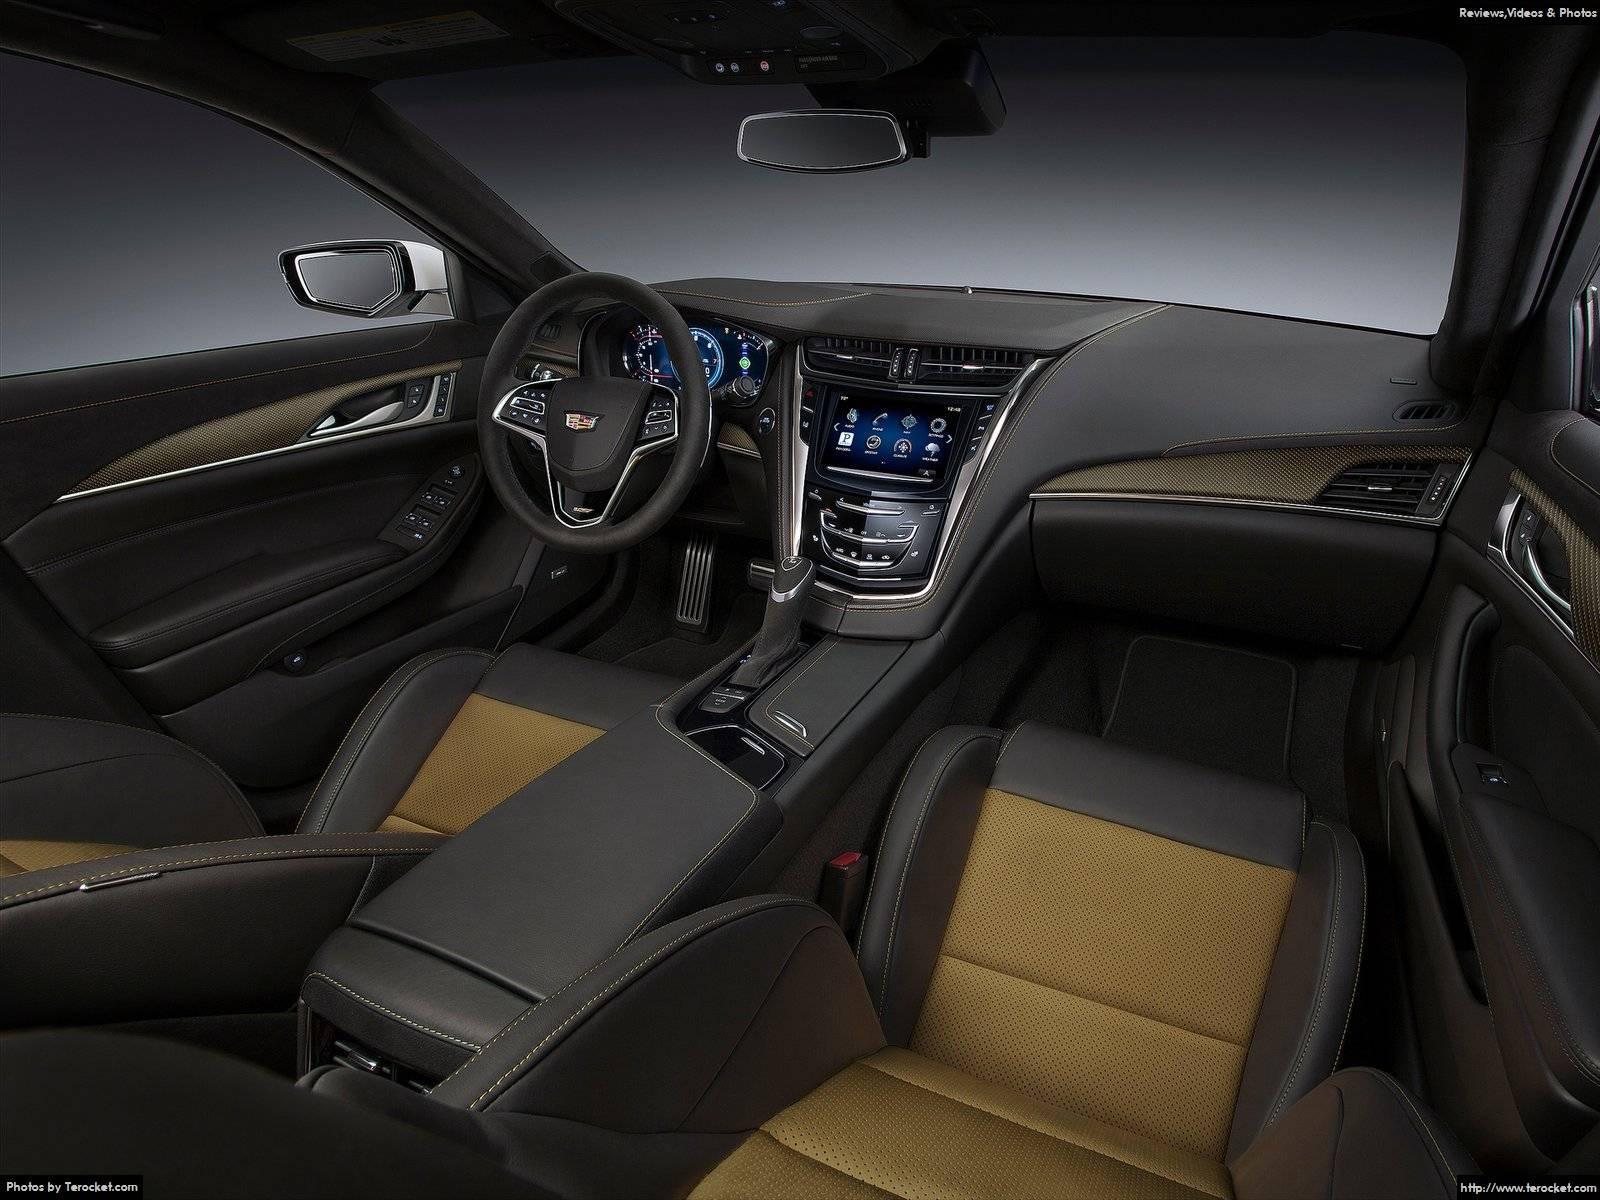 Hình ảnh xe ô tô Cadillac CTS-V 2016 & nội ngoại thất